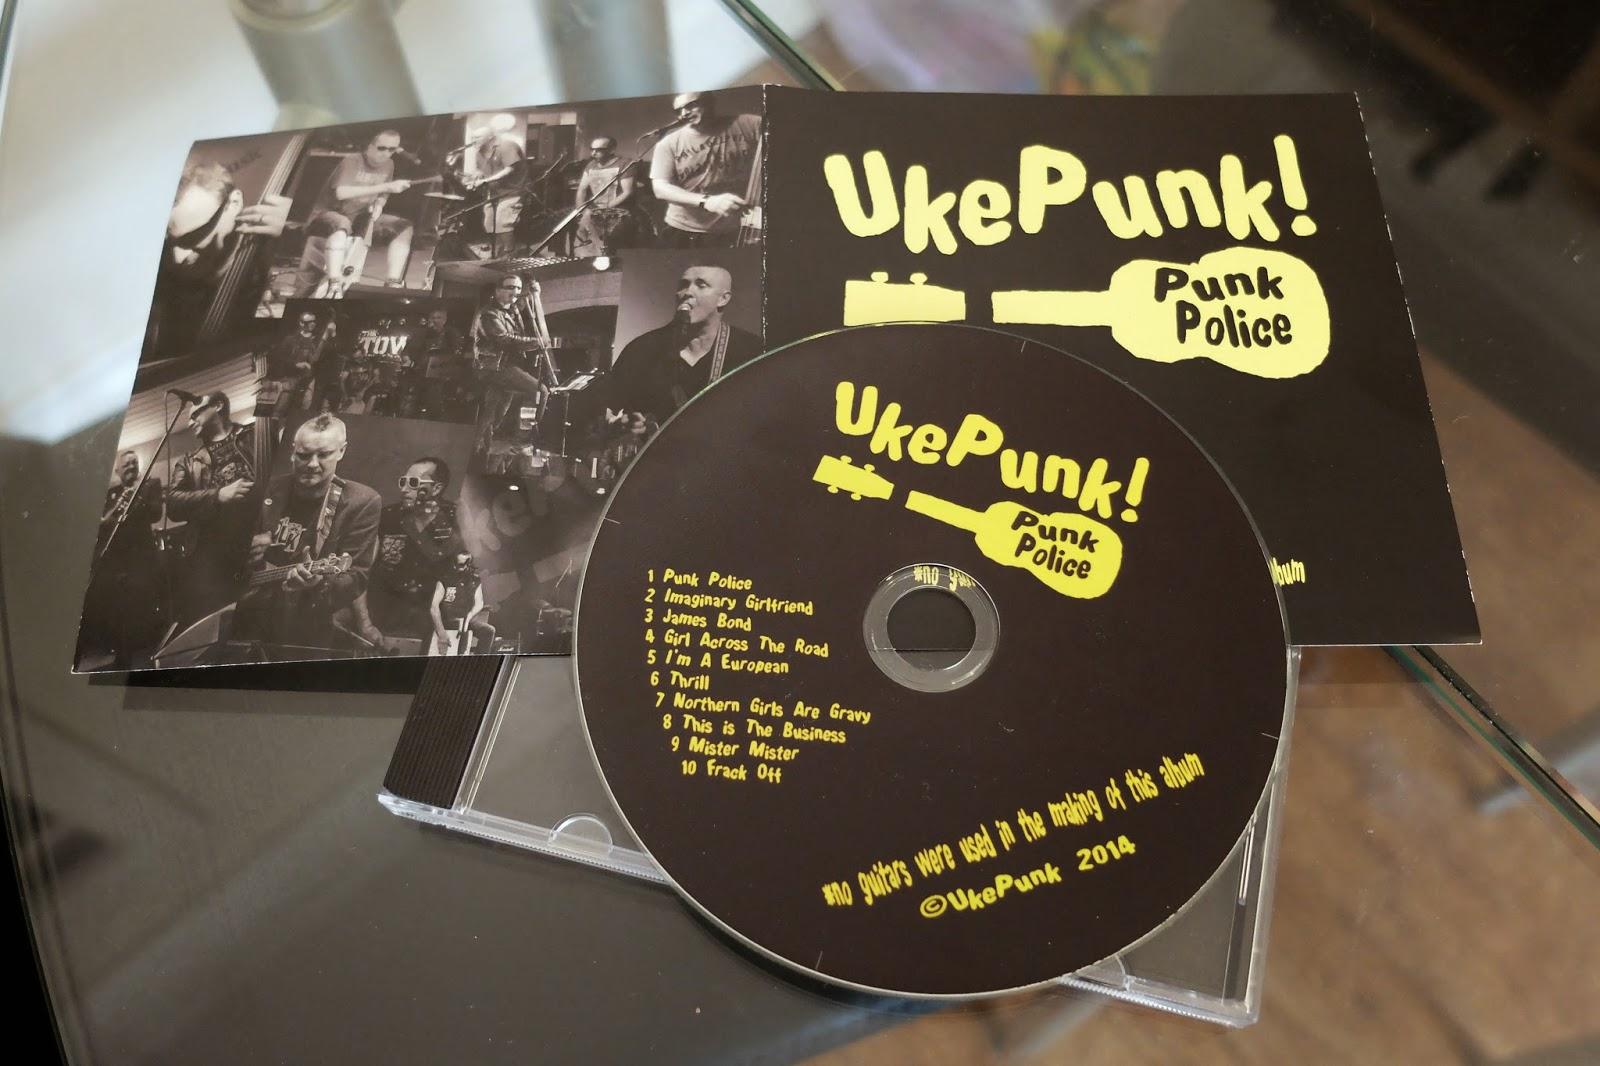 UkePunk Punk Police